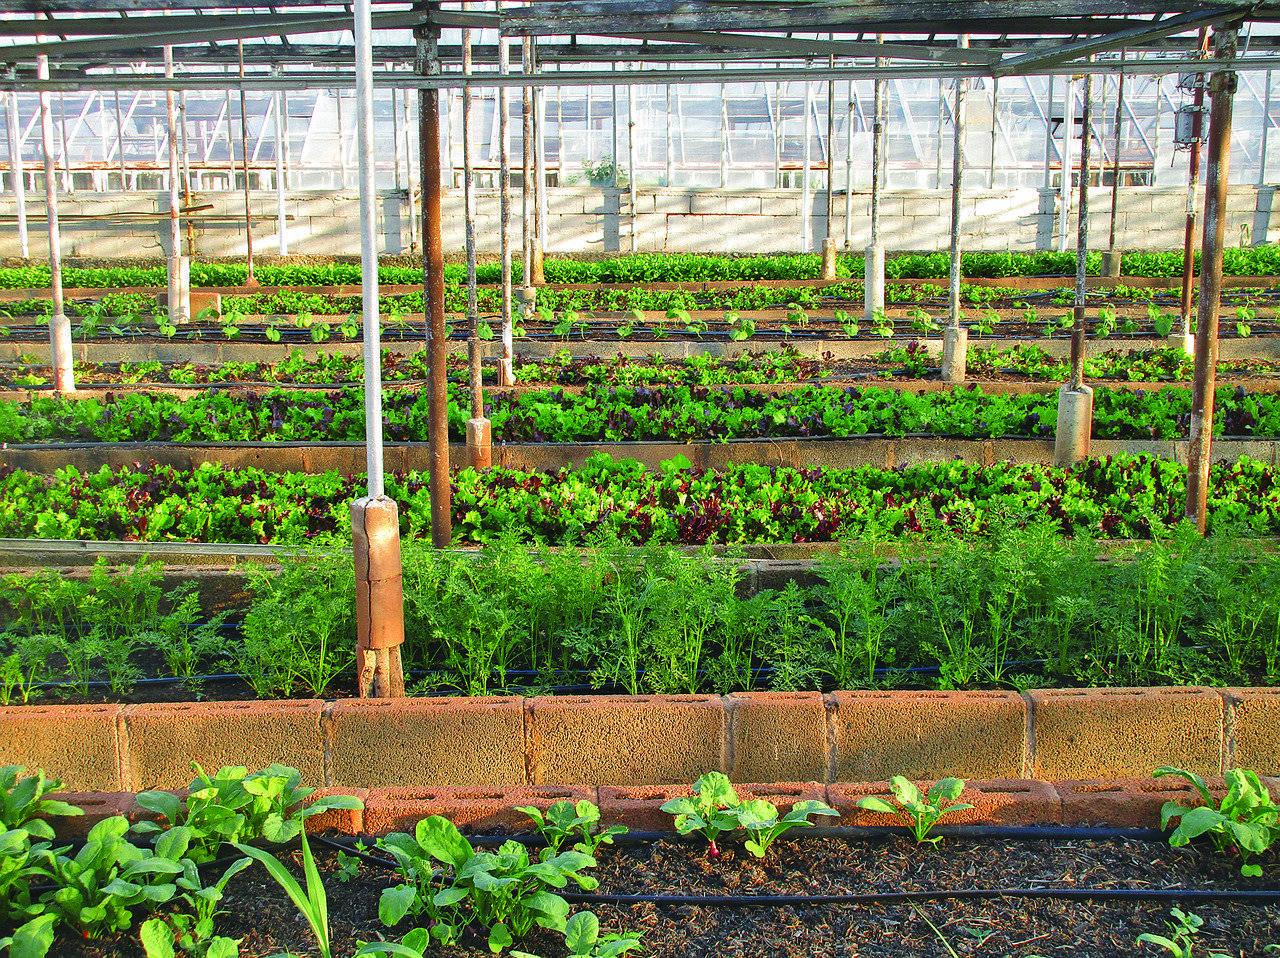 Agriculture urbaine / Urban Agriculture